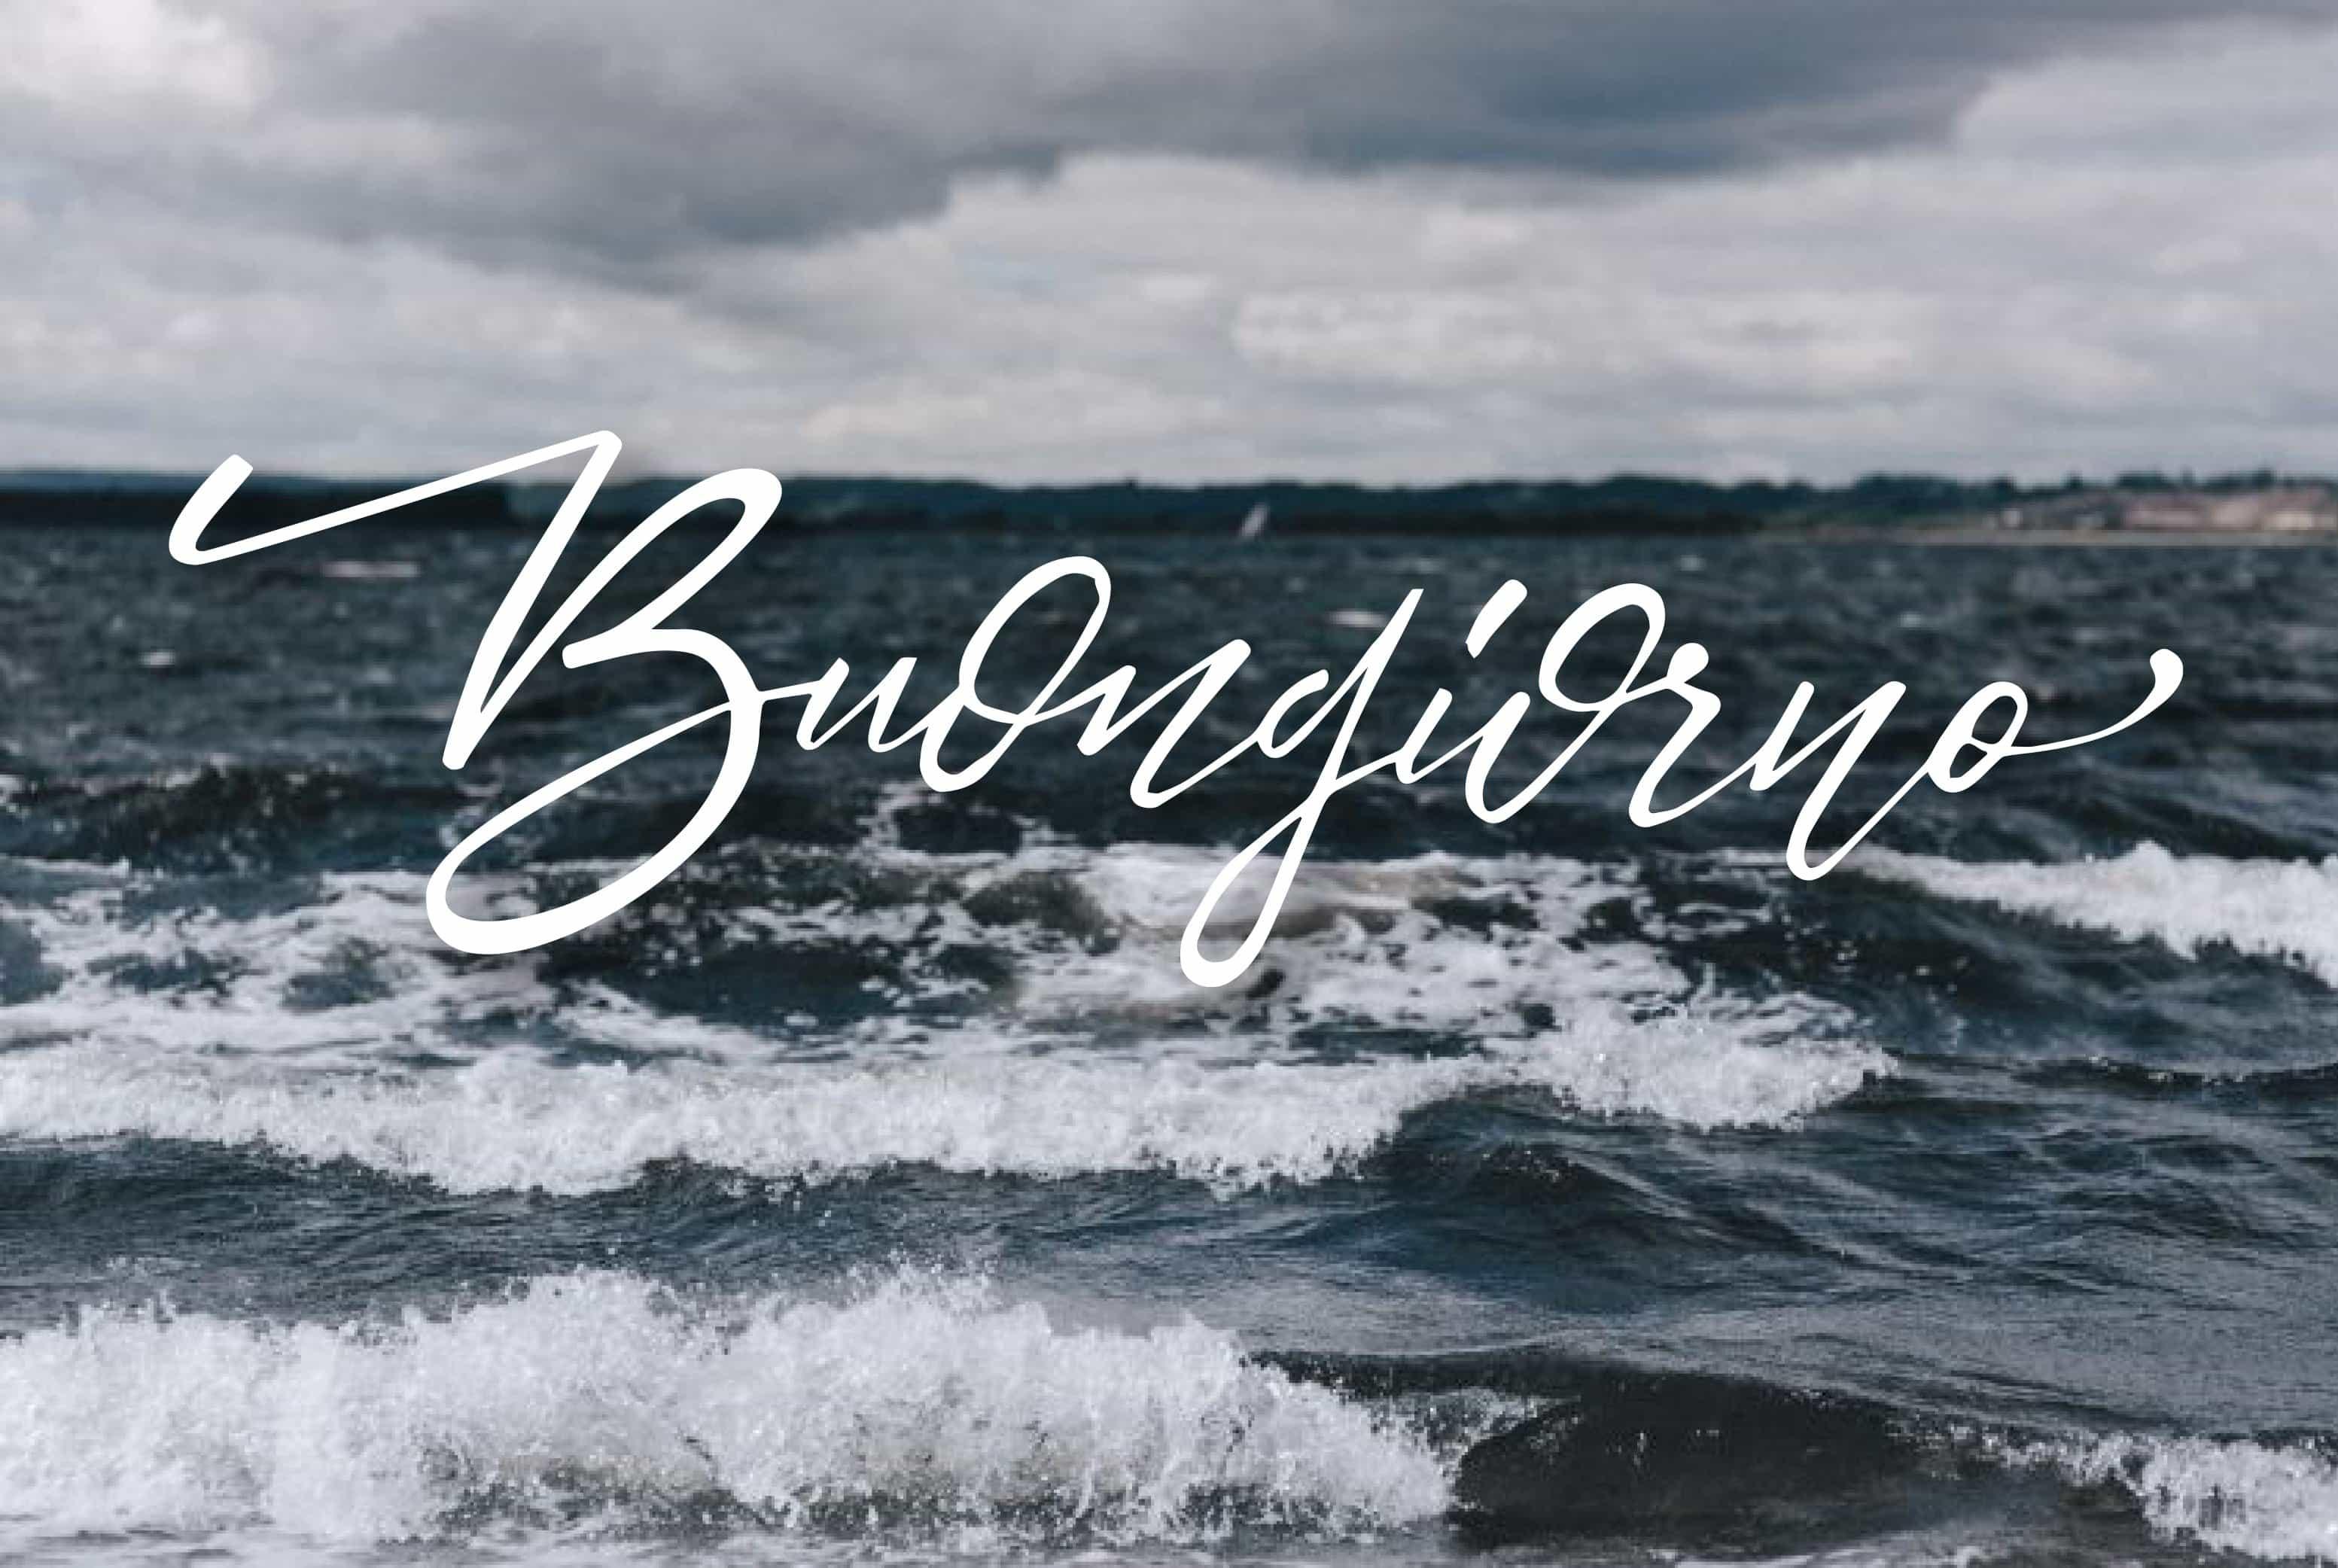 Immagini buongiorno gratis con il mare